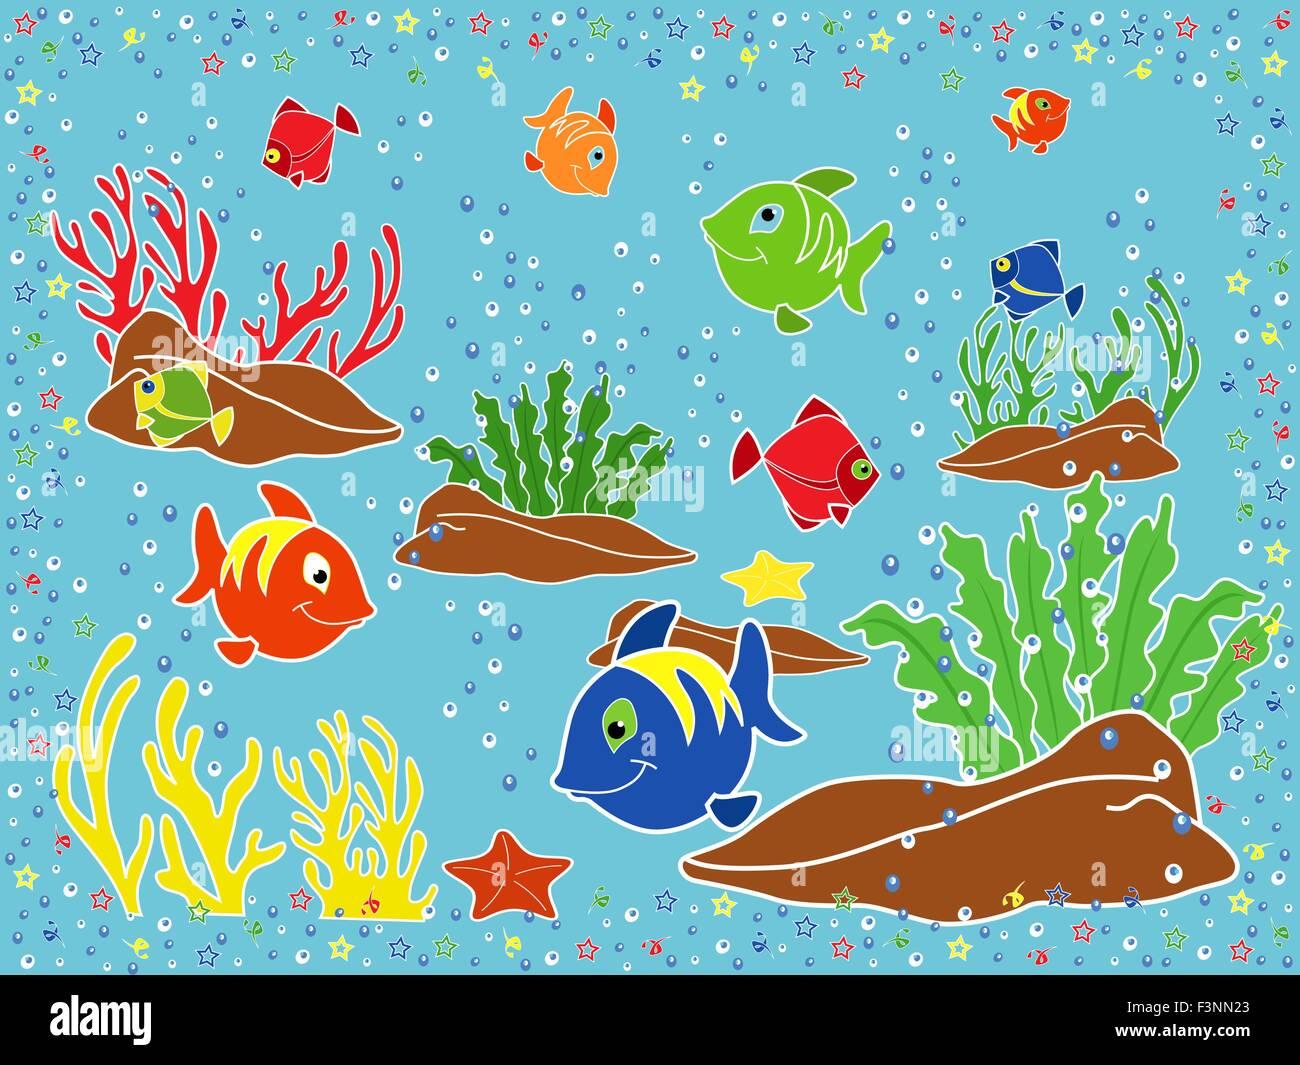 La Vie Marine Sous Marine Poissons Coraux Etoiles De Mer Et Les Algues Sur Le Fond Marin Dessin A La Main Vector Illustration Image Vectorielle Stock Alamy